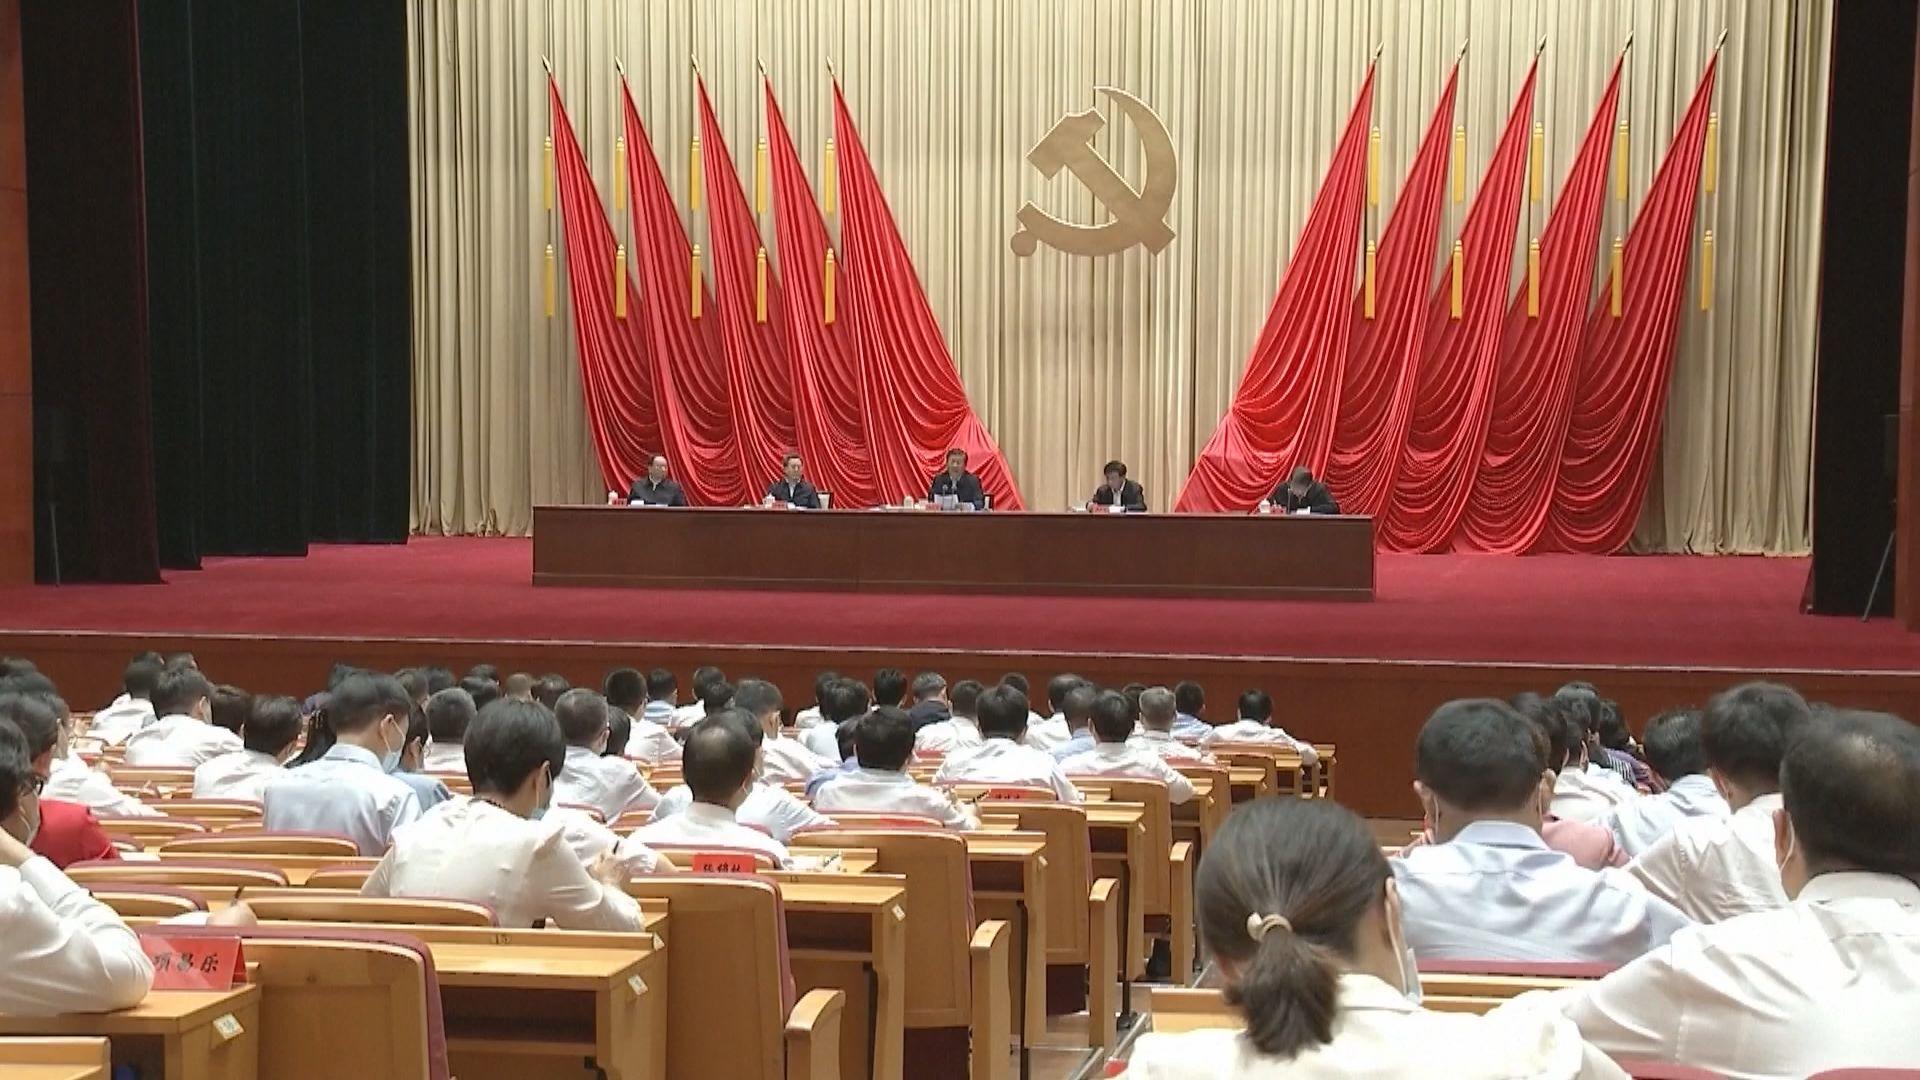 習近平:中國面臨風險挑戰明顯增多 不想鬥爭不切實際